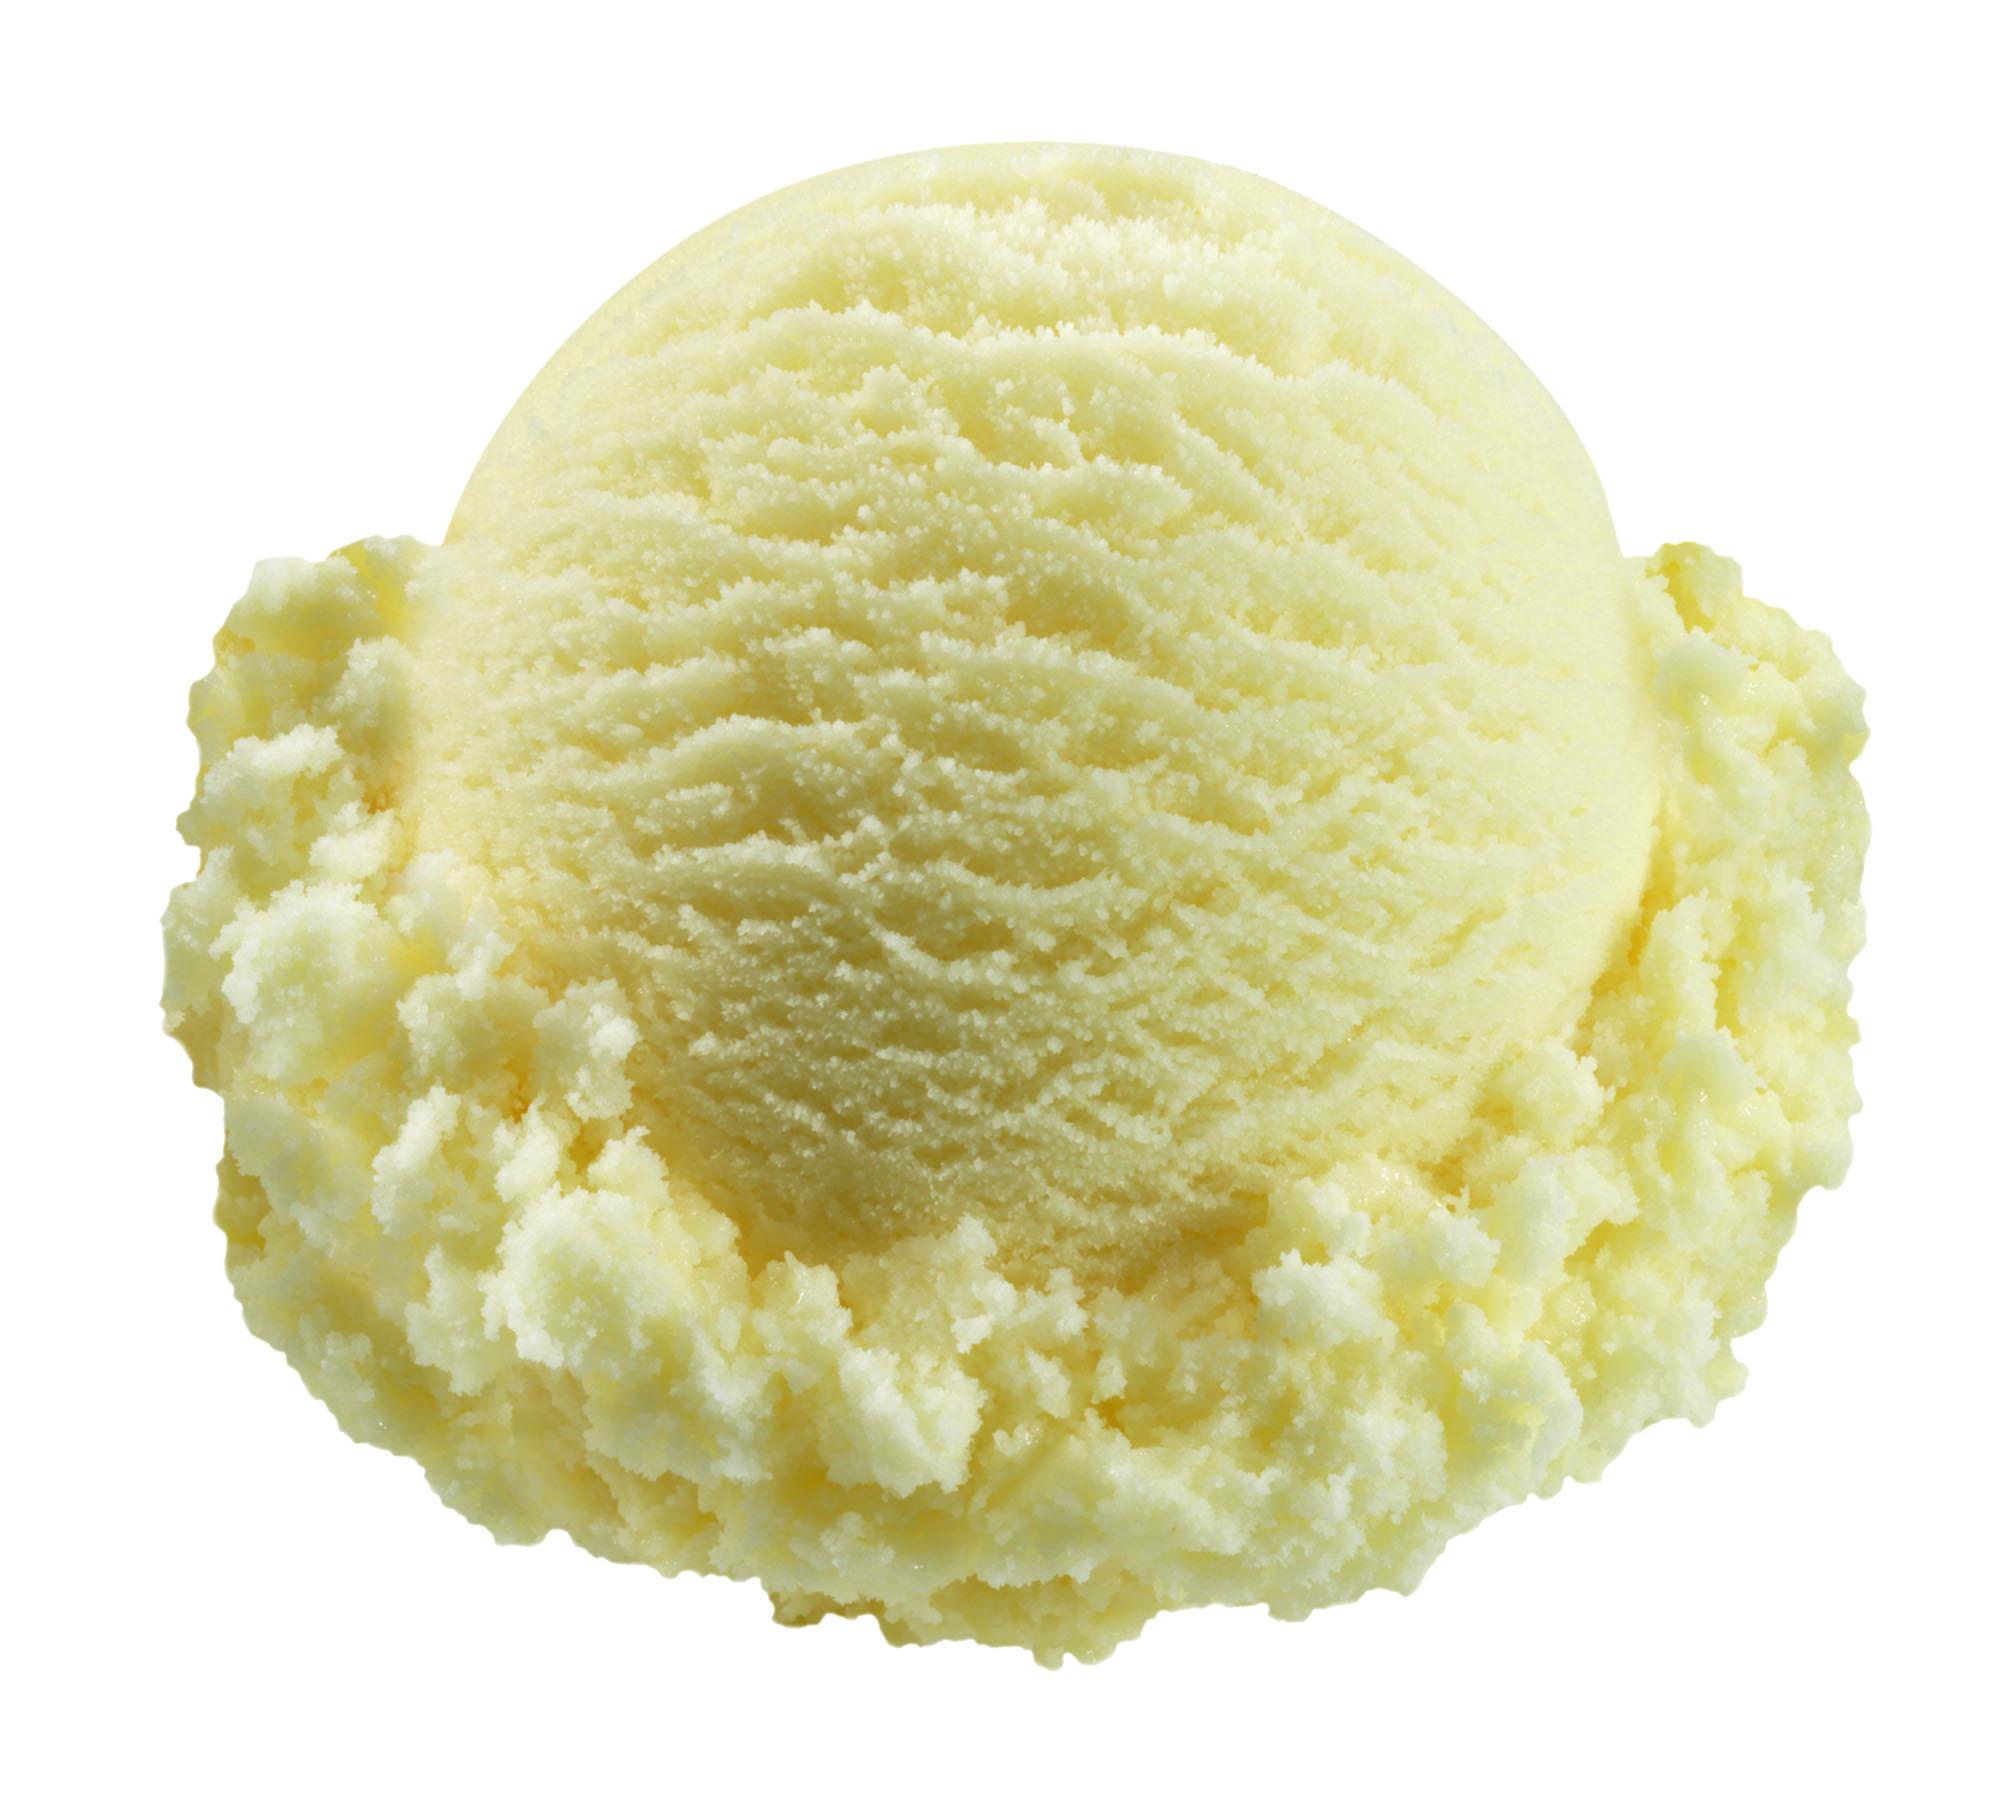 """Мороженое """"Пломбир"""" весовое в Лотке (2,2 кг)"""